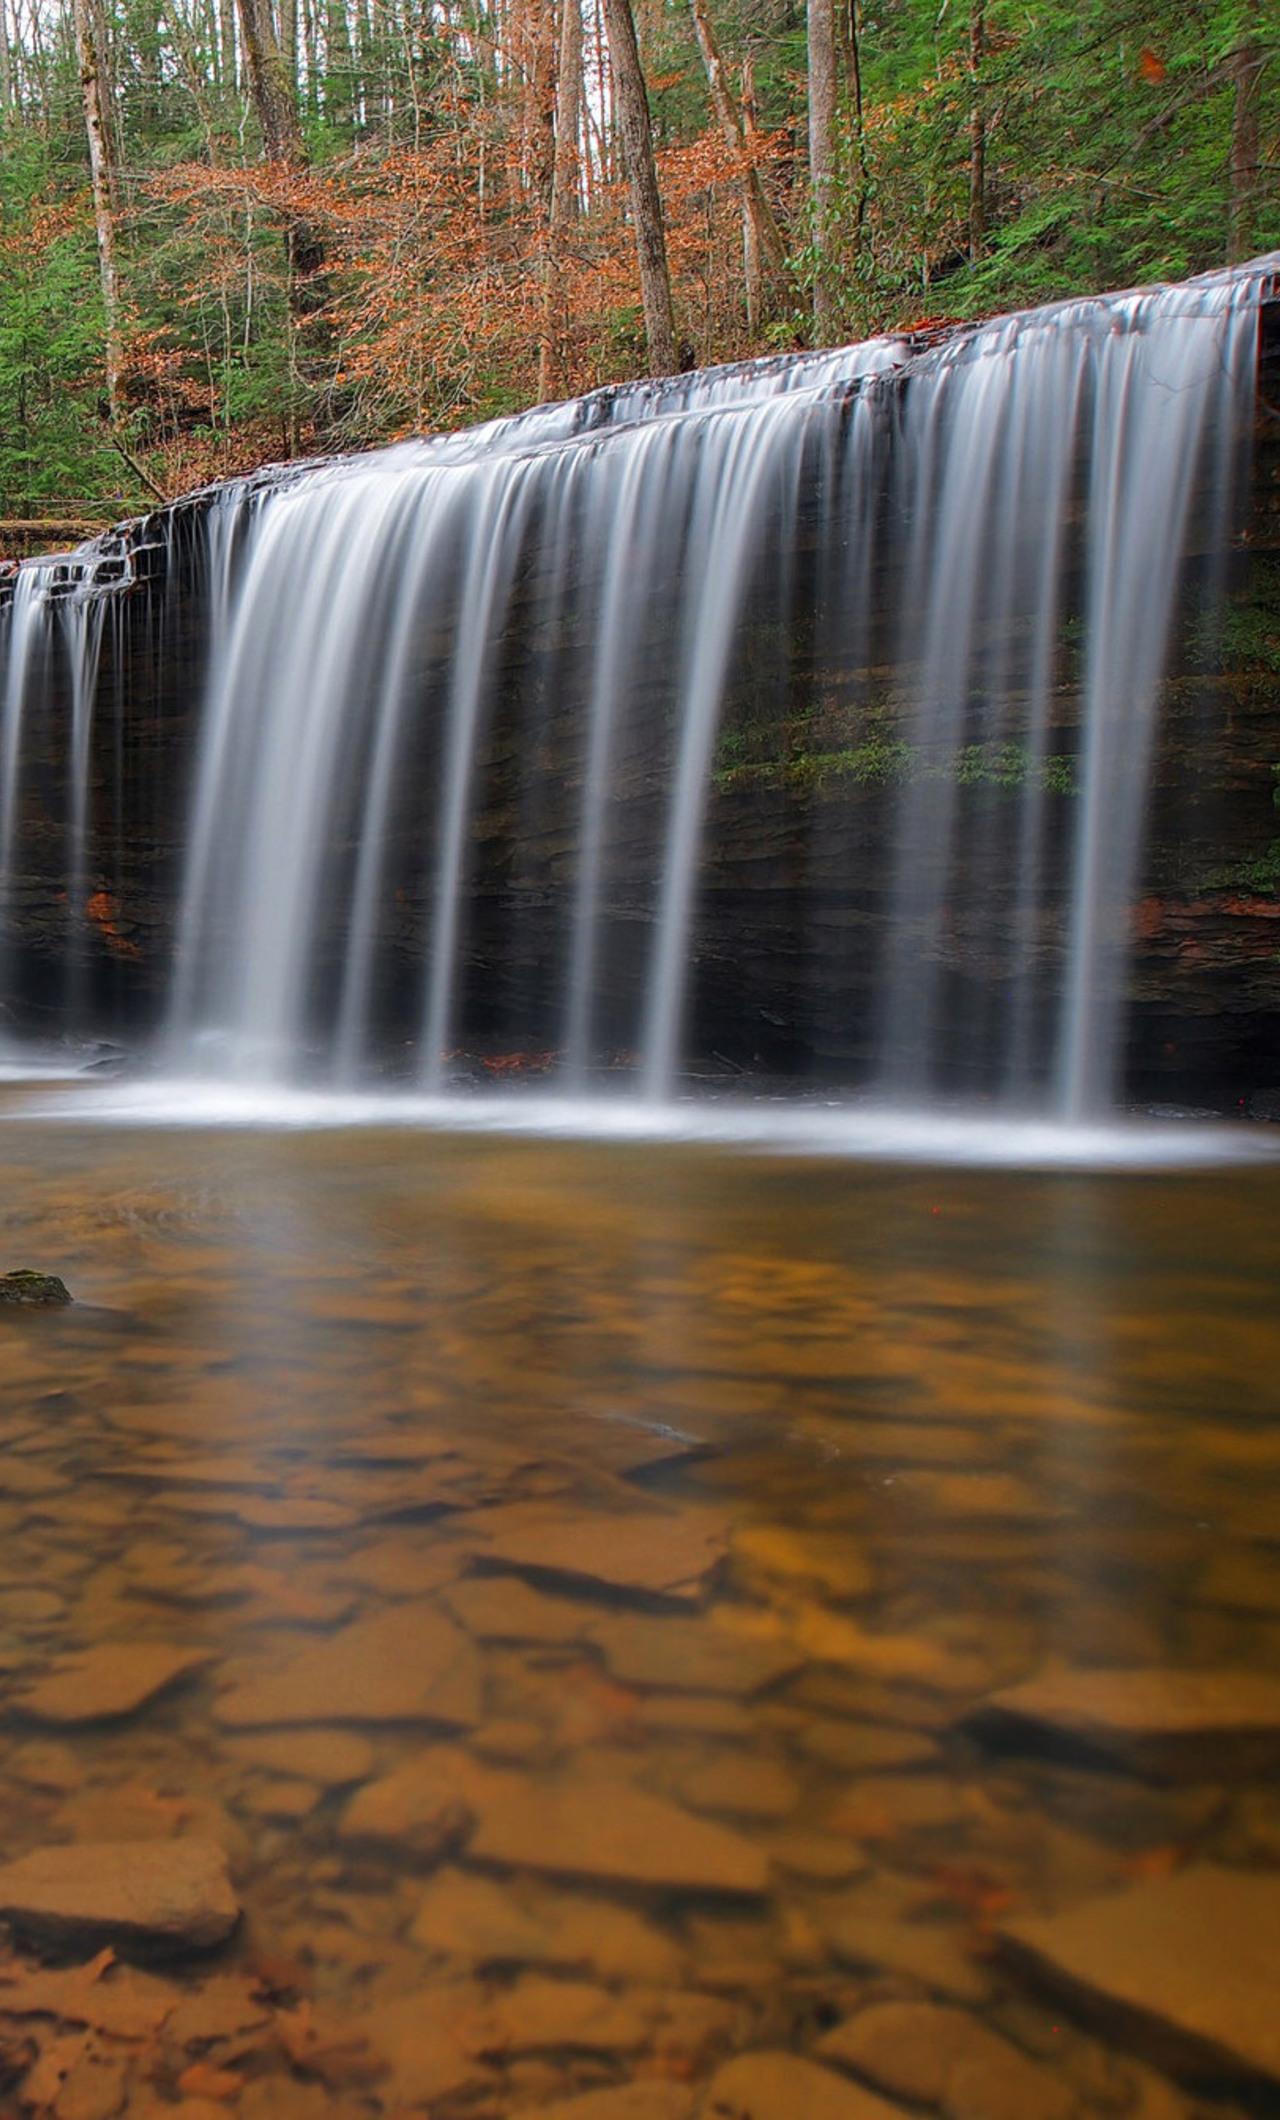 waterfall-hd-forest-ap.jpg